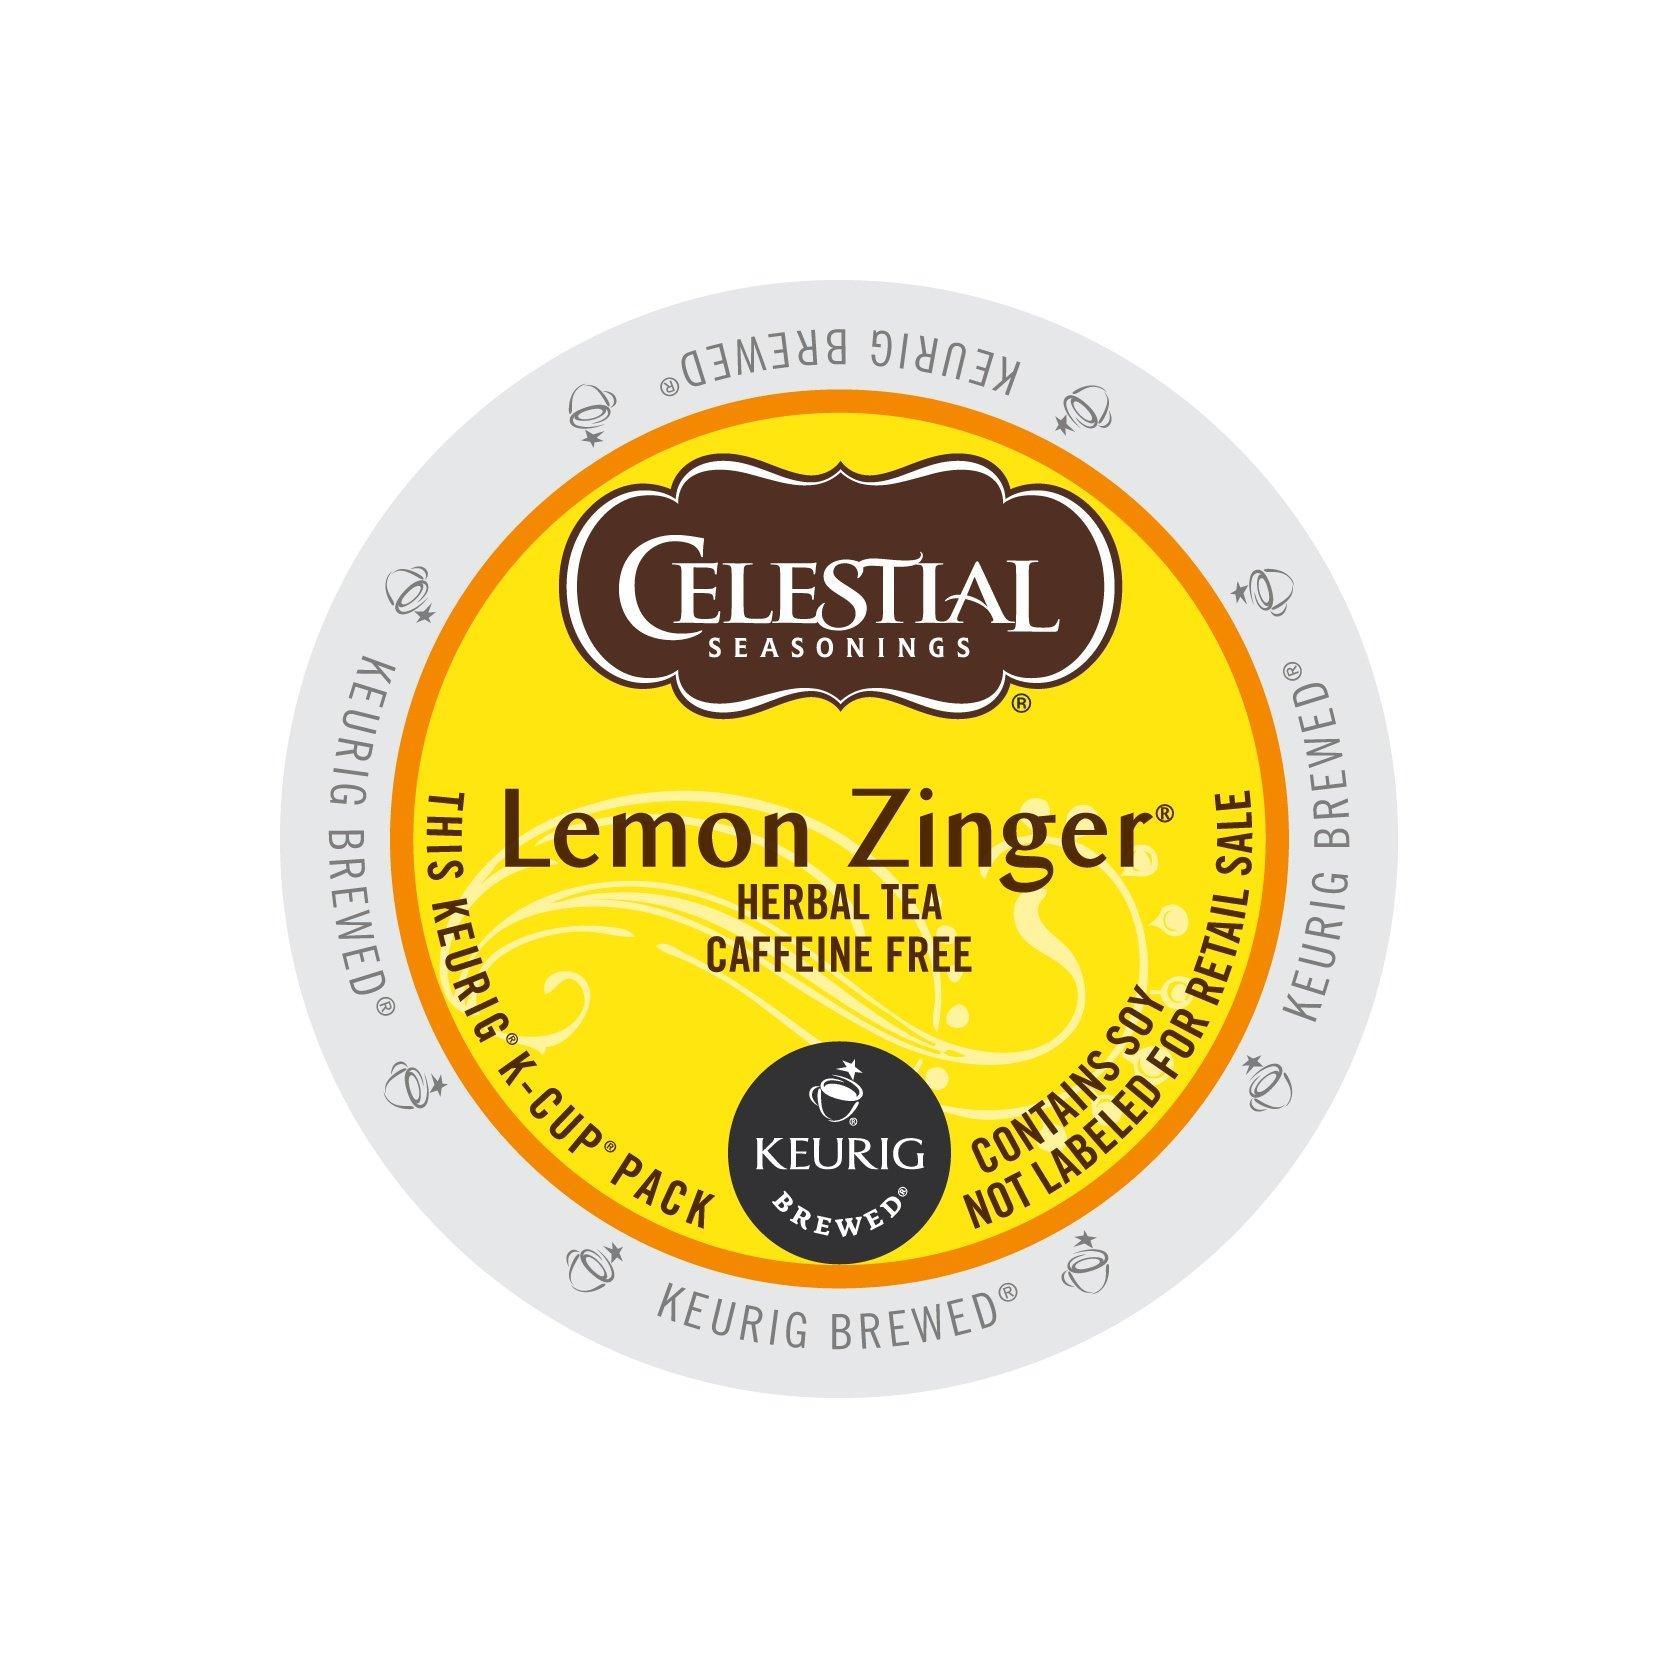 Celestial Seasonings Lemon Zinger Tea, 0.11 oz (12 count),Net Wt 1.3 oz (Pack of 6)